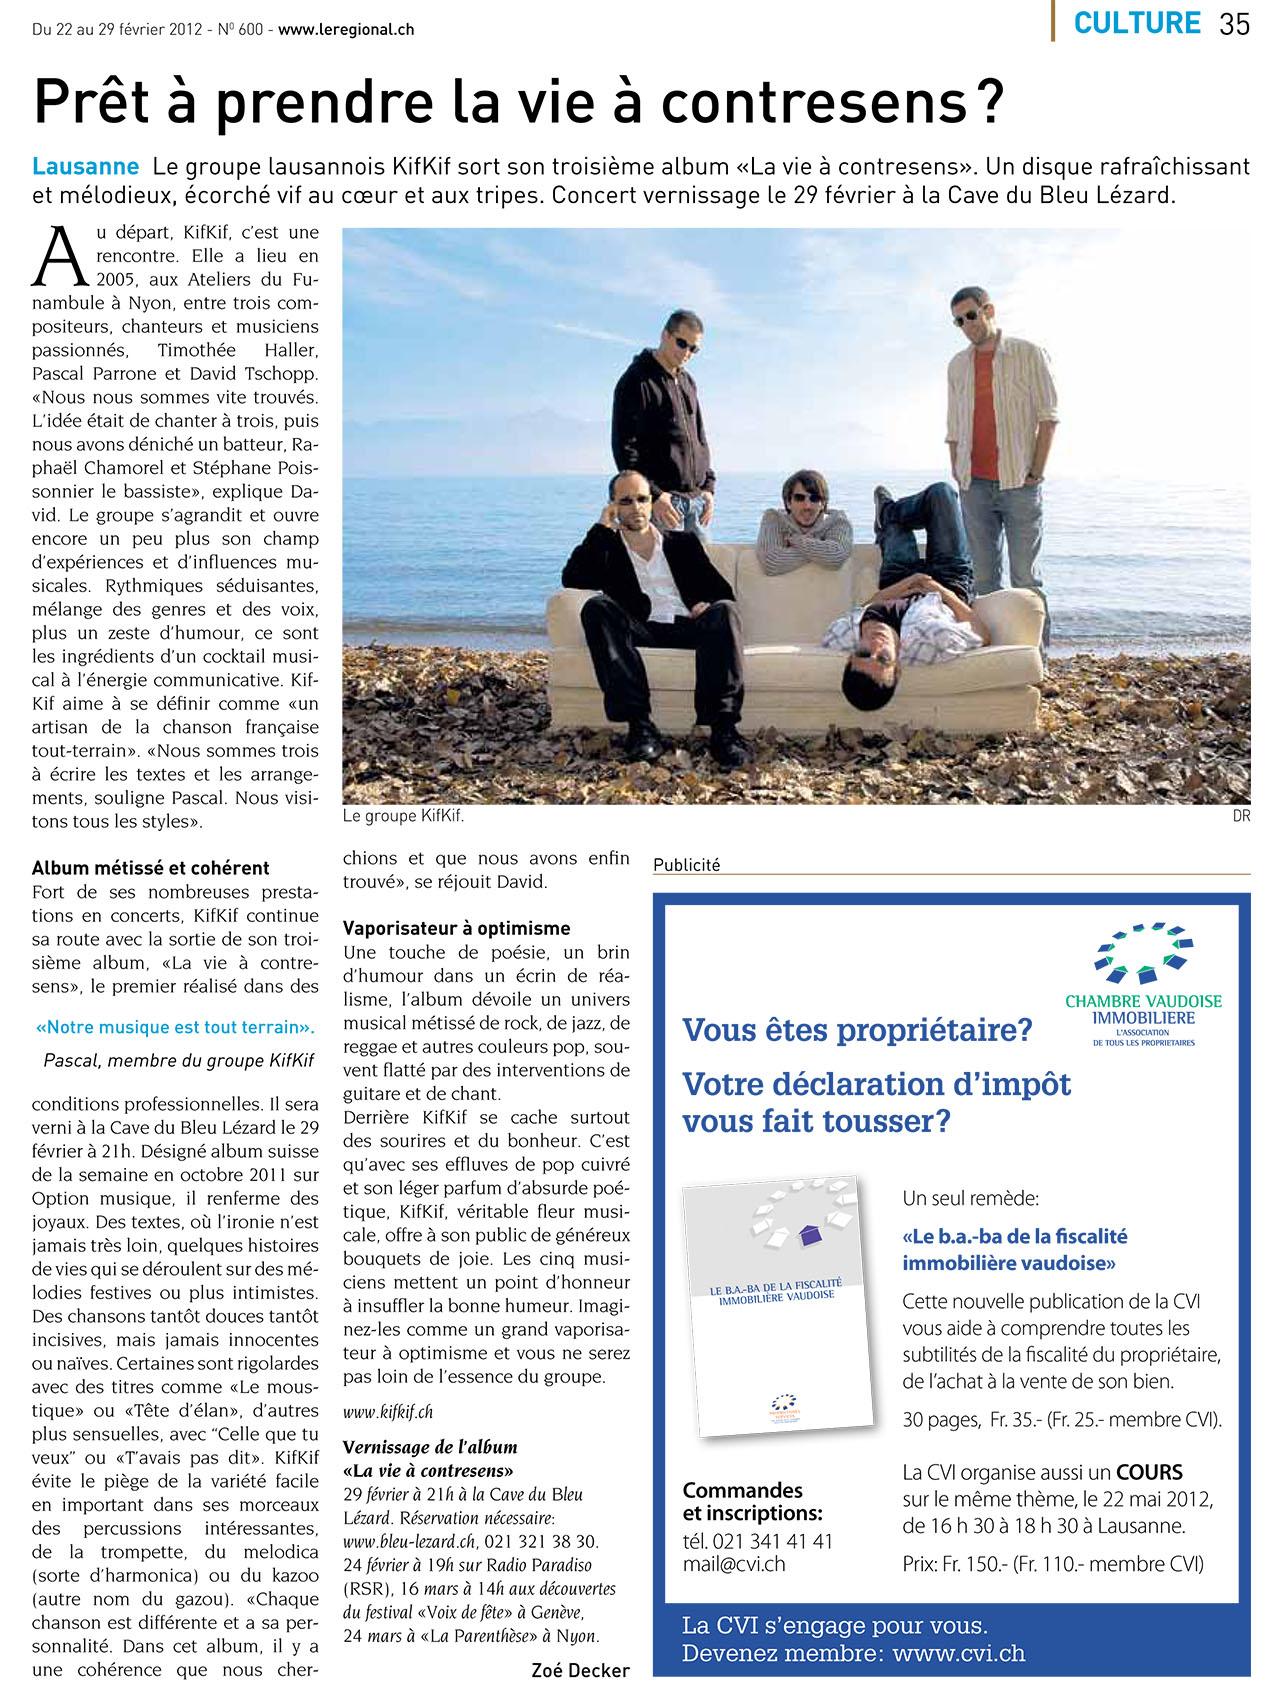 Le Régional - Prêt à prendre la vie à contresens - 22.02.2012 (KIFKIF)